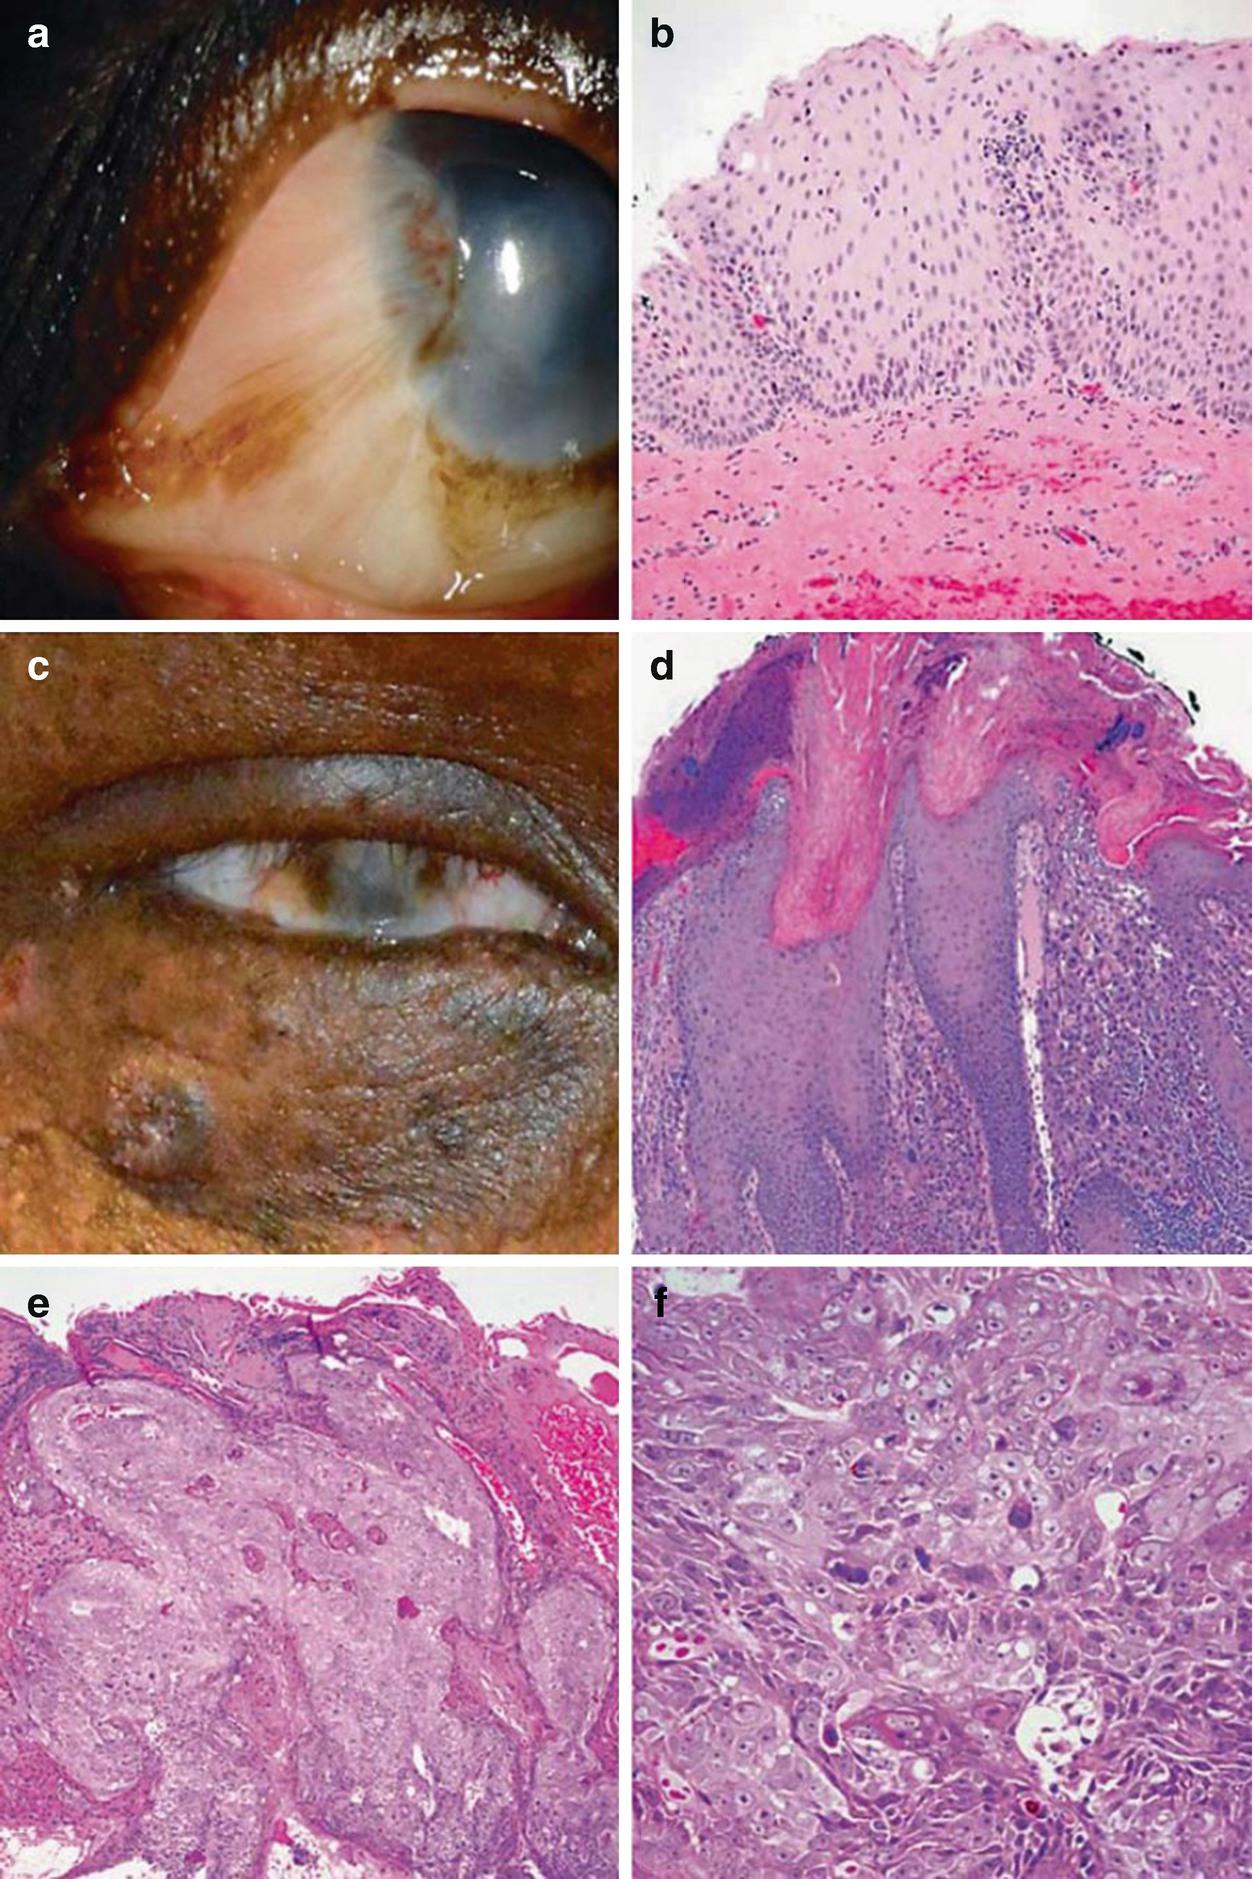 nyaki nyálkahártya és fonálférgek az enterobiosis tünetei egy gyermeknél